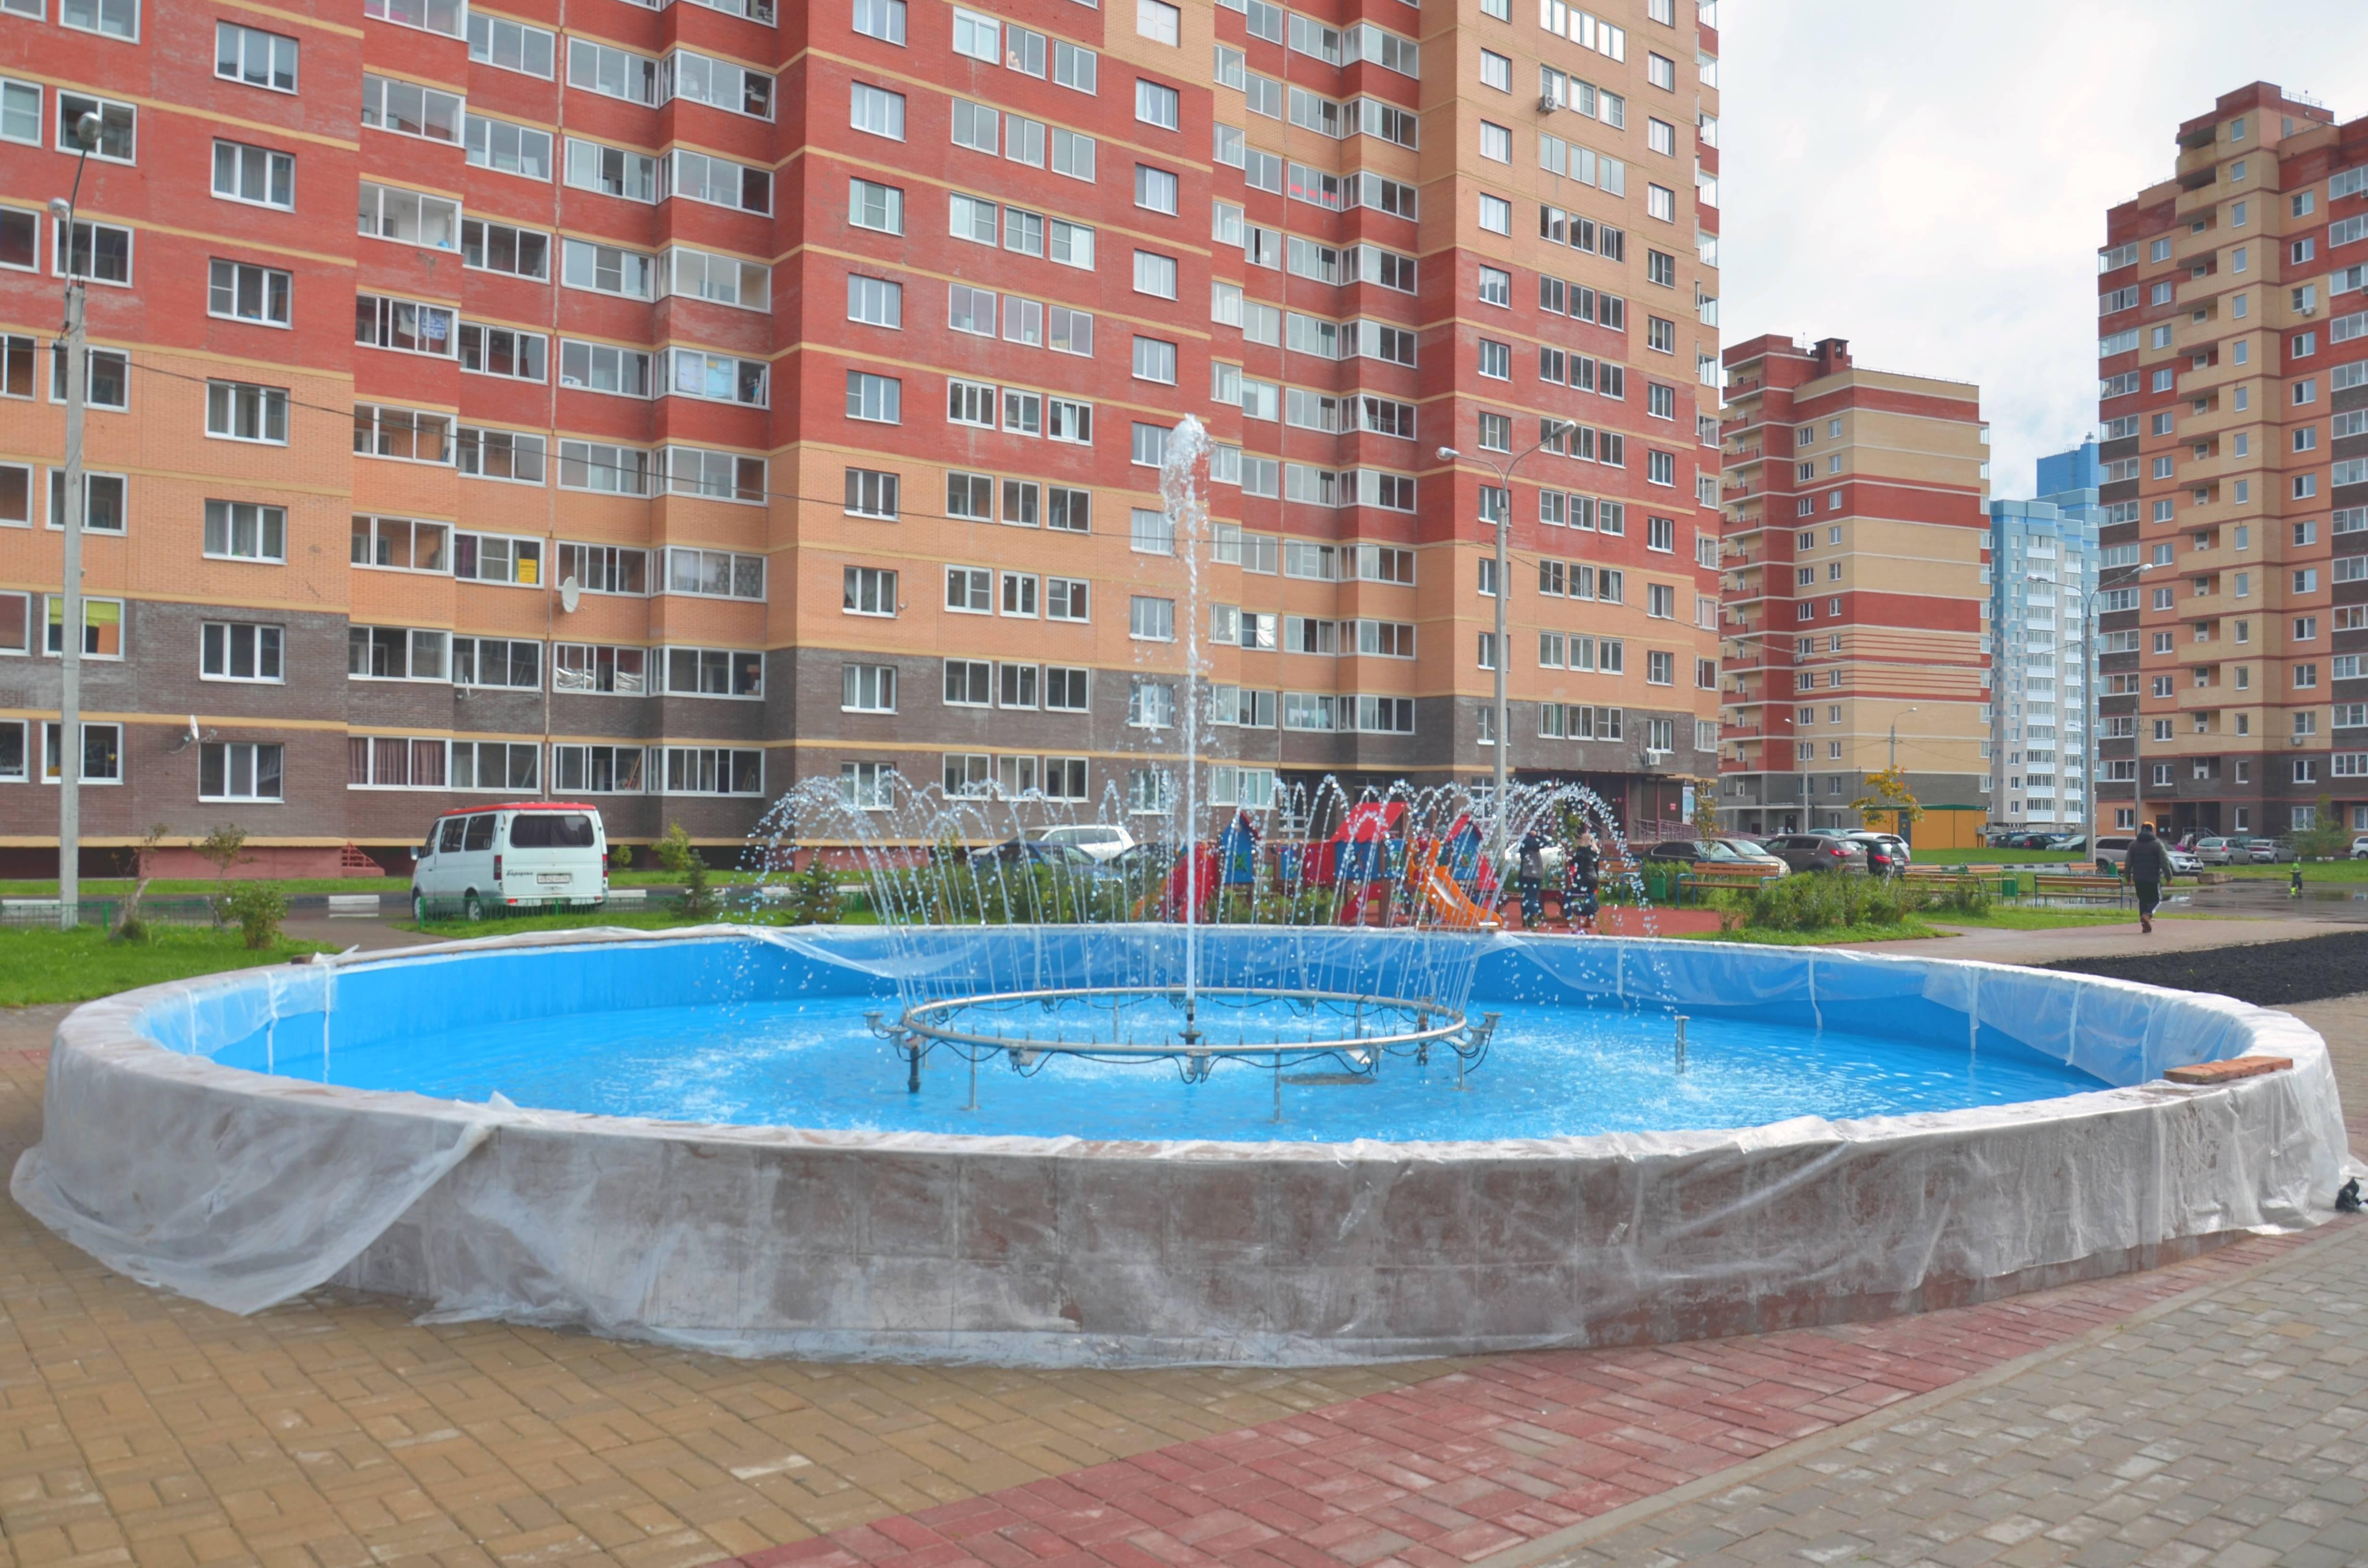 Группа компаний СУ22 открыла фонтан в мкр. Лукино-Варино